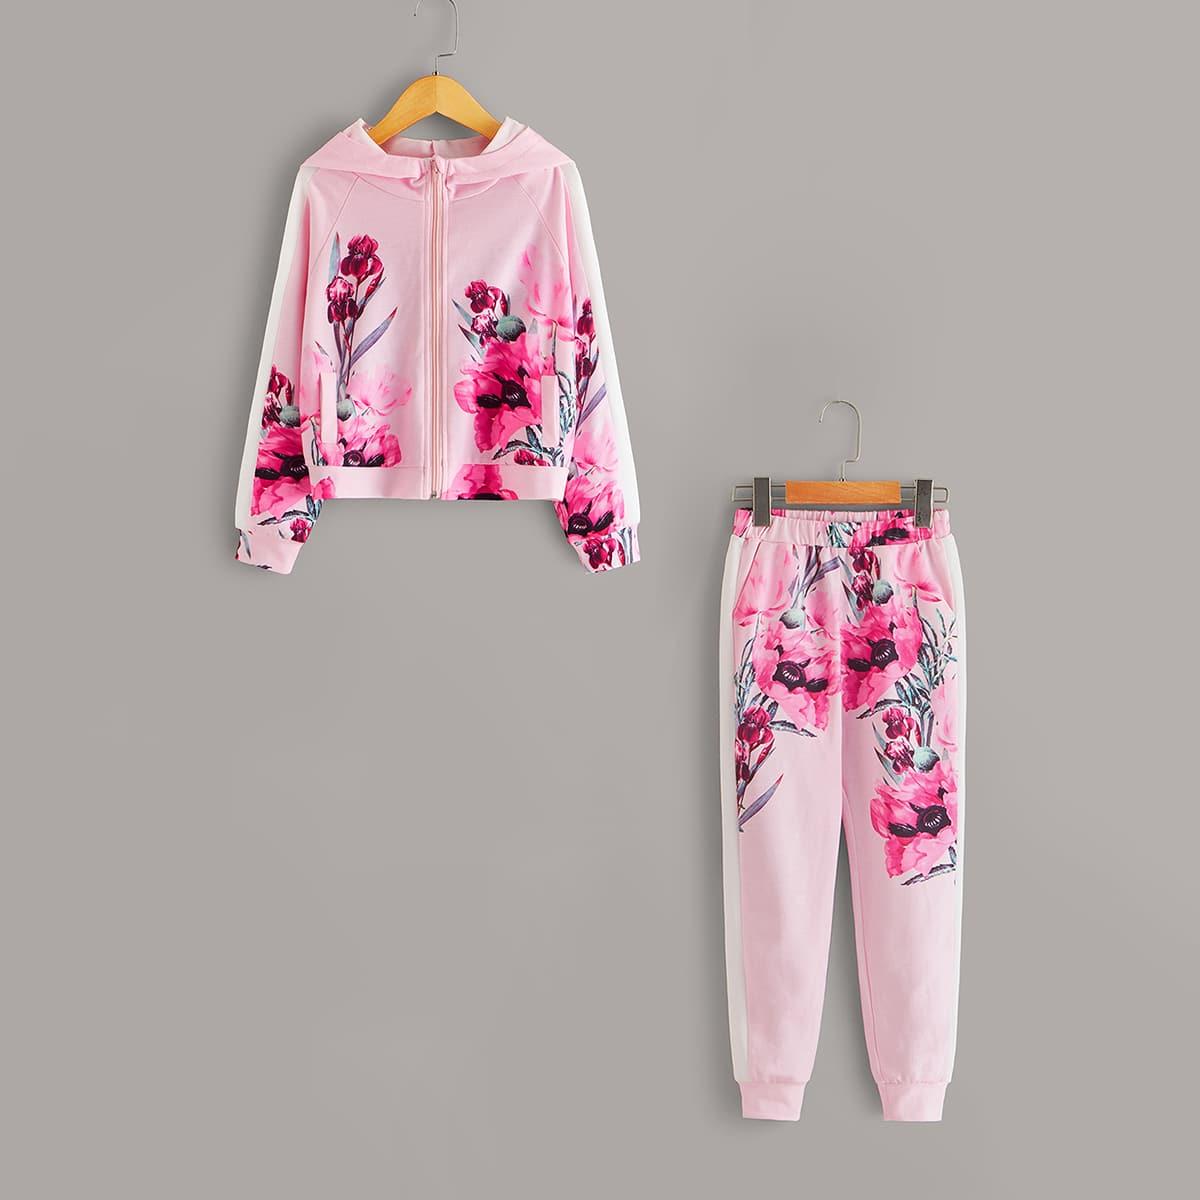 Спортивные брюки и толстовка на молнии с цветочным принтом для девочек от SHEIN